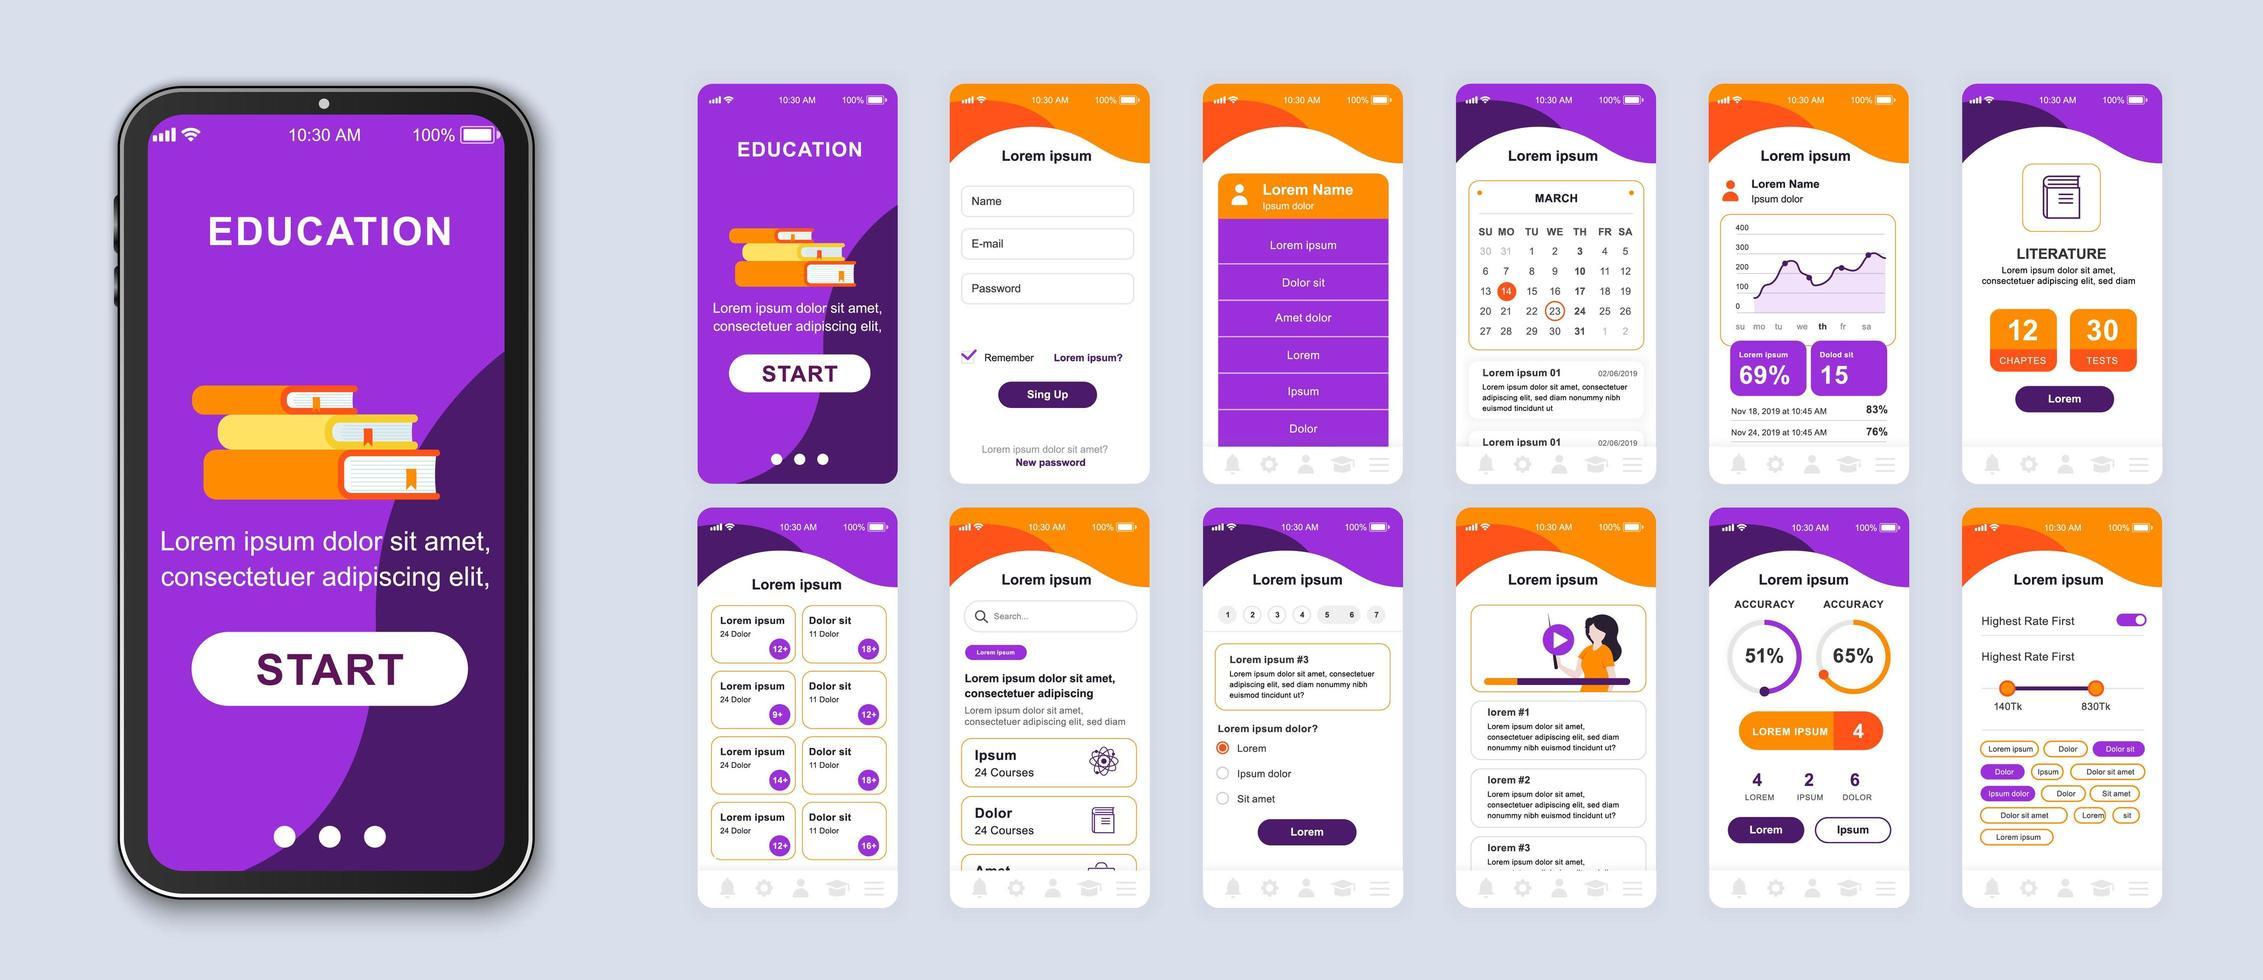 interface de smartphone application mobile ui éducation violet et orange vecteur